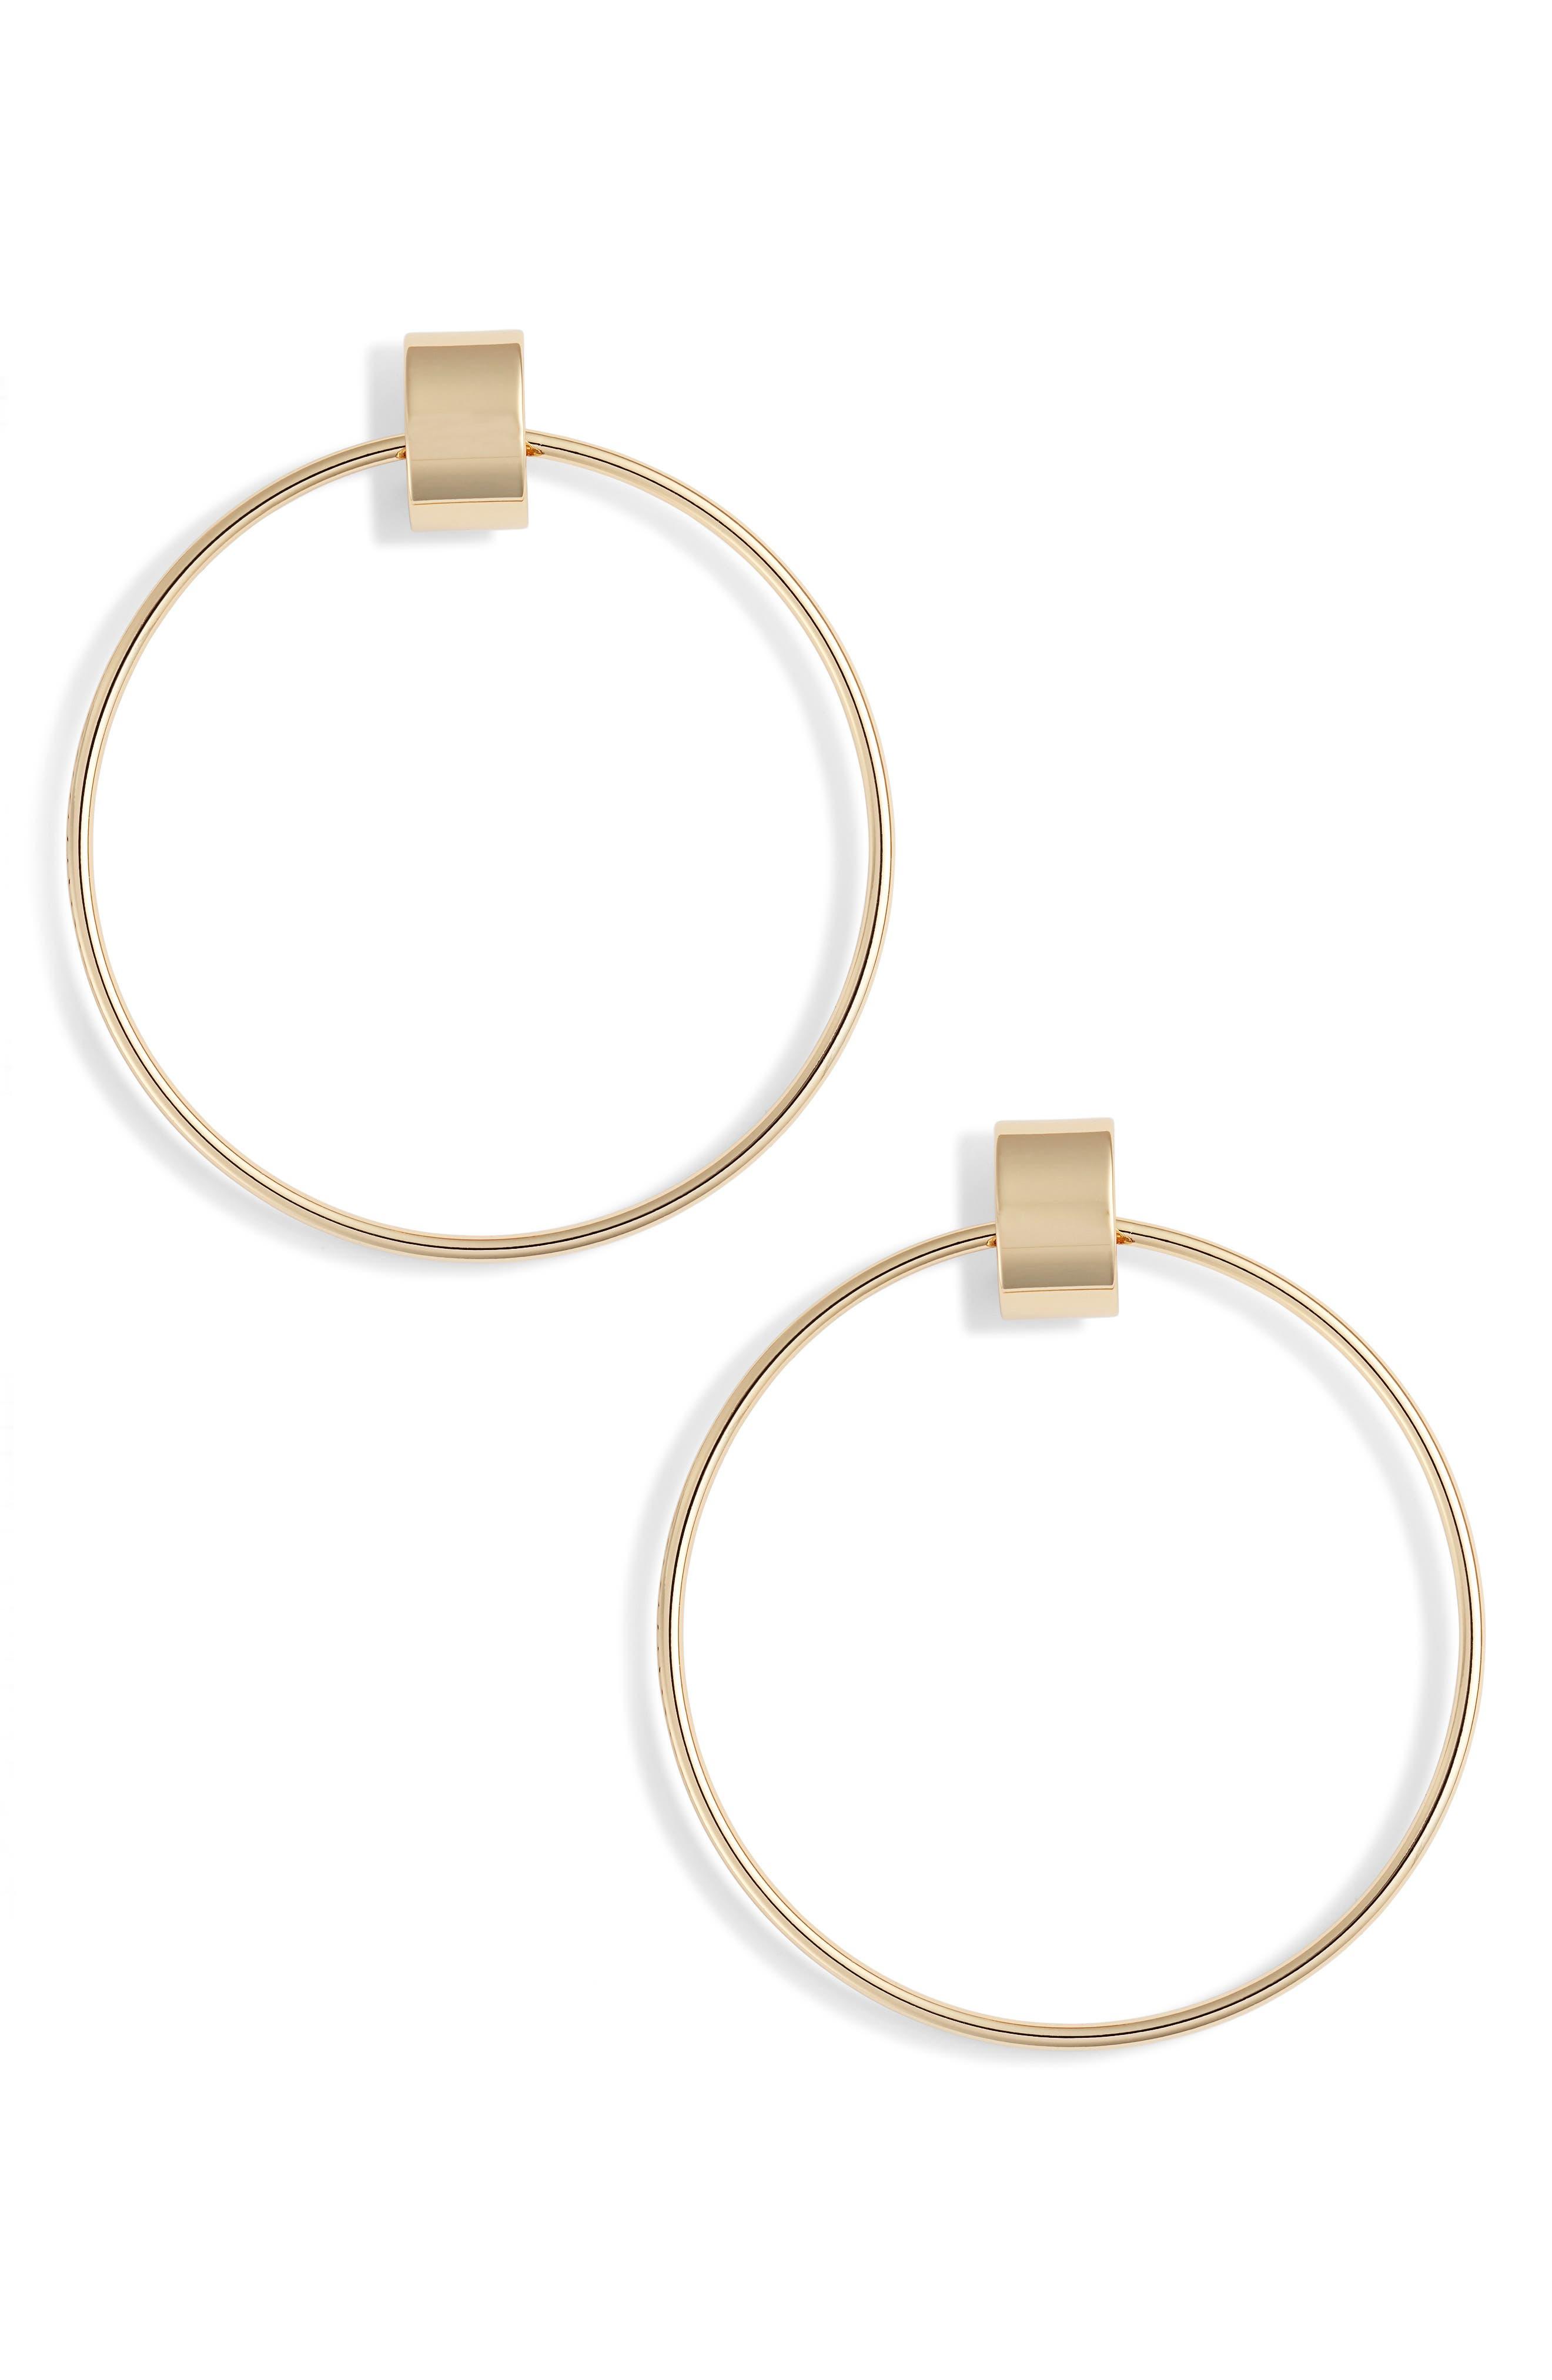 Faye Door Knocker Earrings in Gold